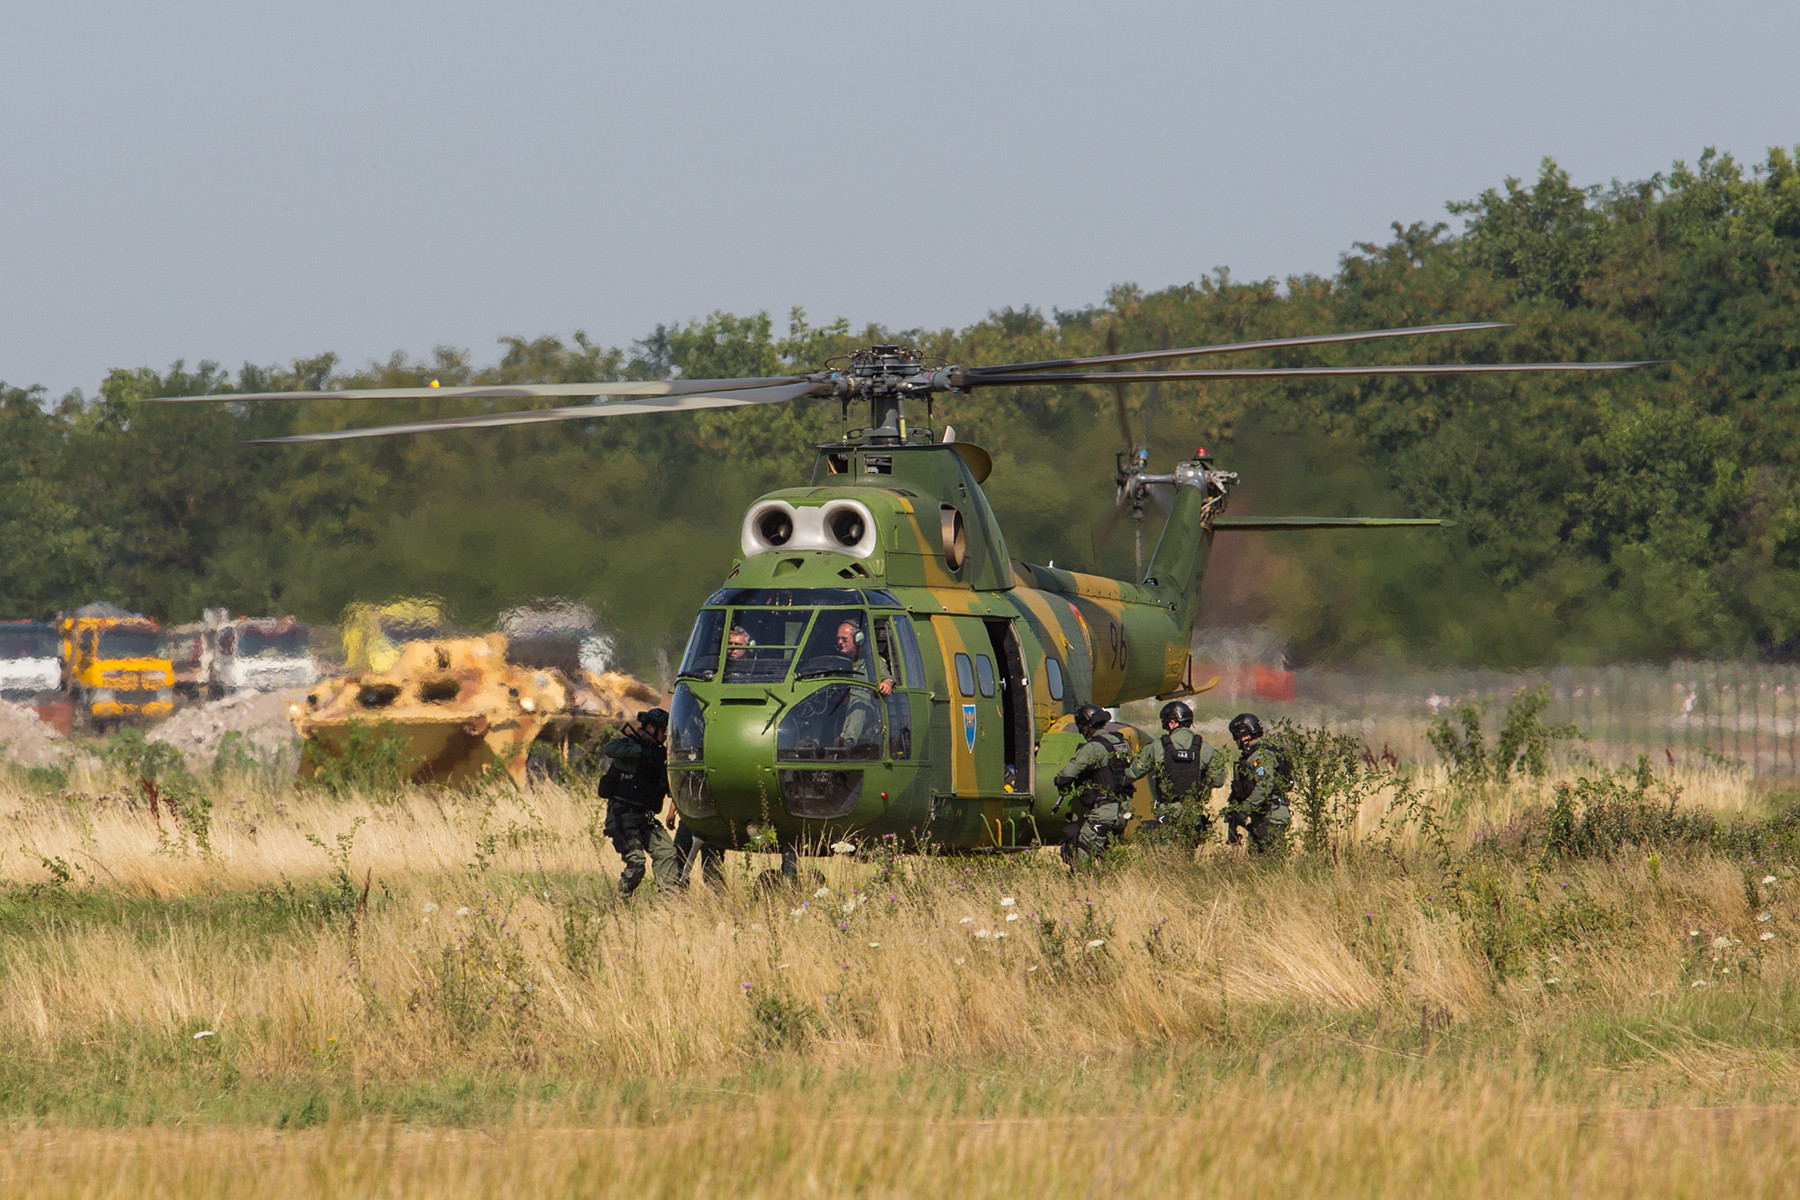 Nachdem die Verlezten geborgen wurden, nimmt ein weiterer Hubschrauber die Sicherungskräfte wieder auf.